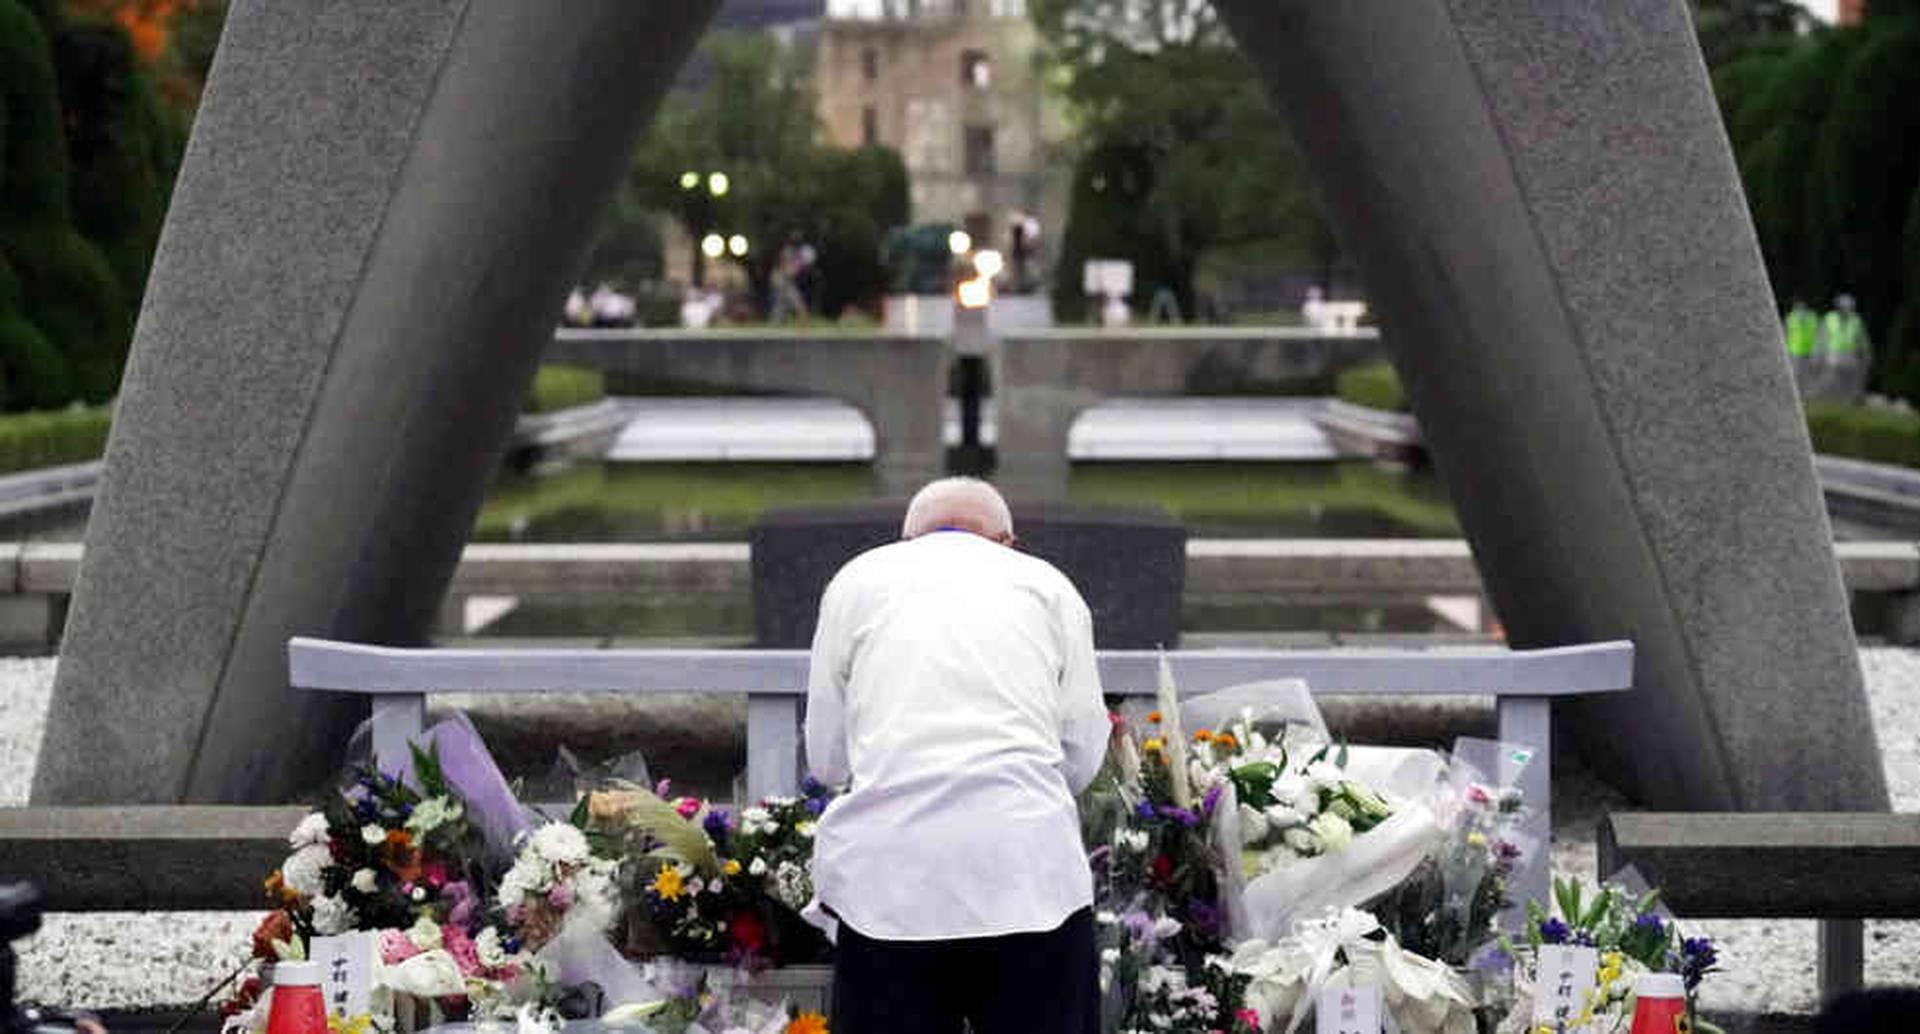 La ceremonia de conmemoración fue realizada en el Parque Memorial de la Paz en Hiroshima.